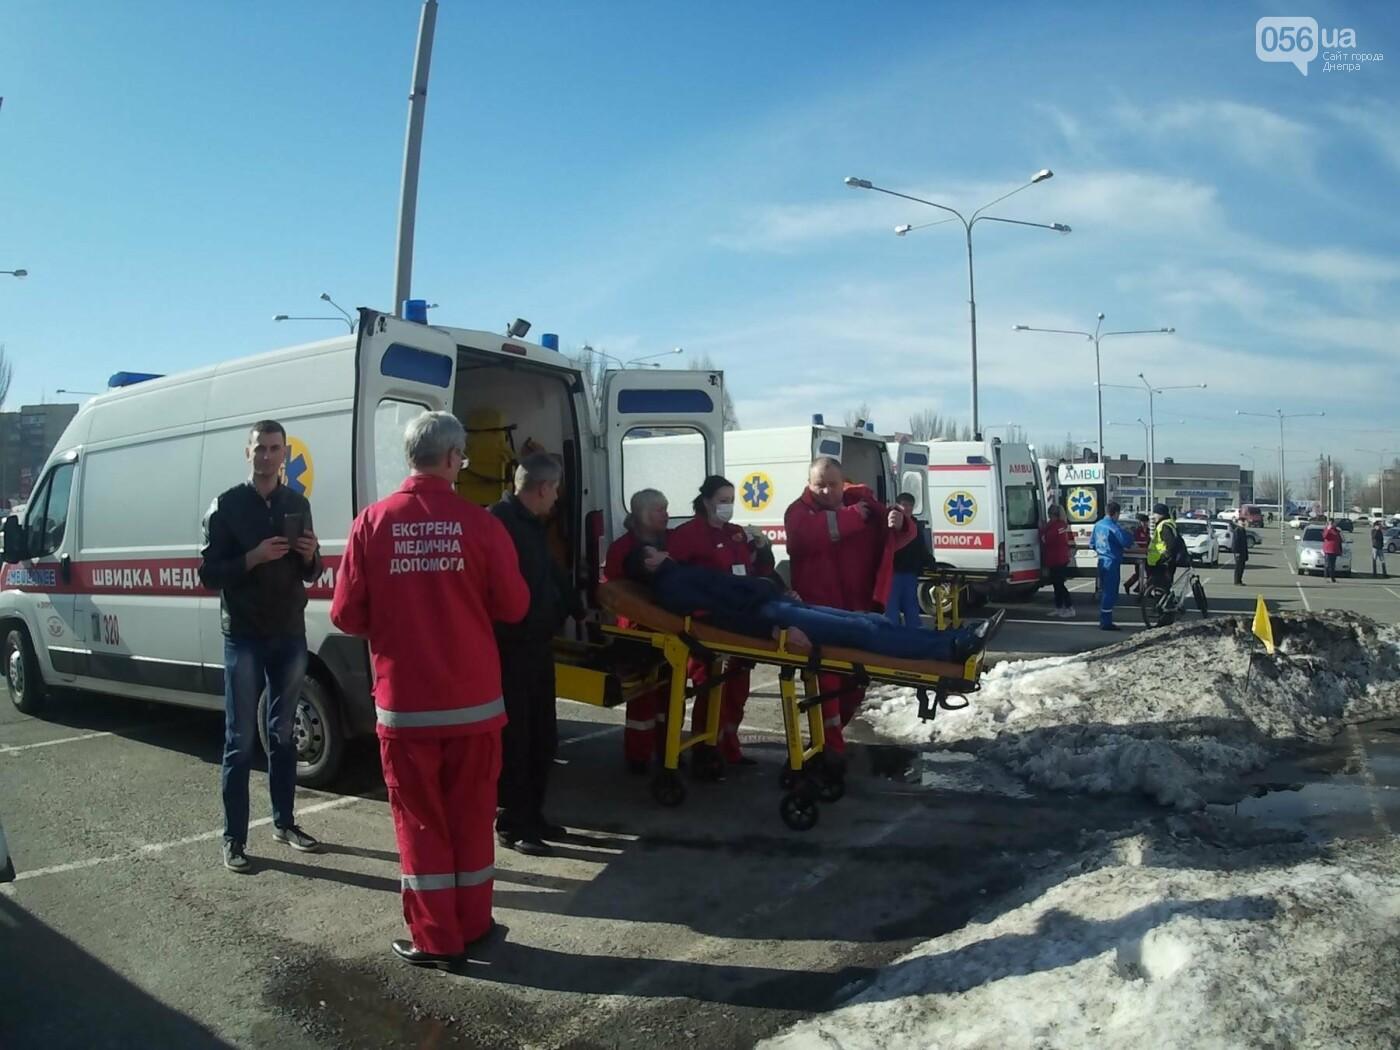 В Днепре спасатели эвакуировали персонал и посетителей из «Каравана» (ФОТО, ВИДЕО), фото-10